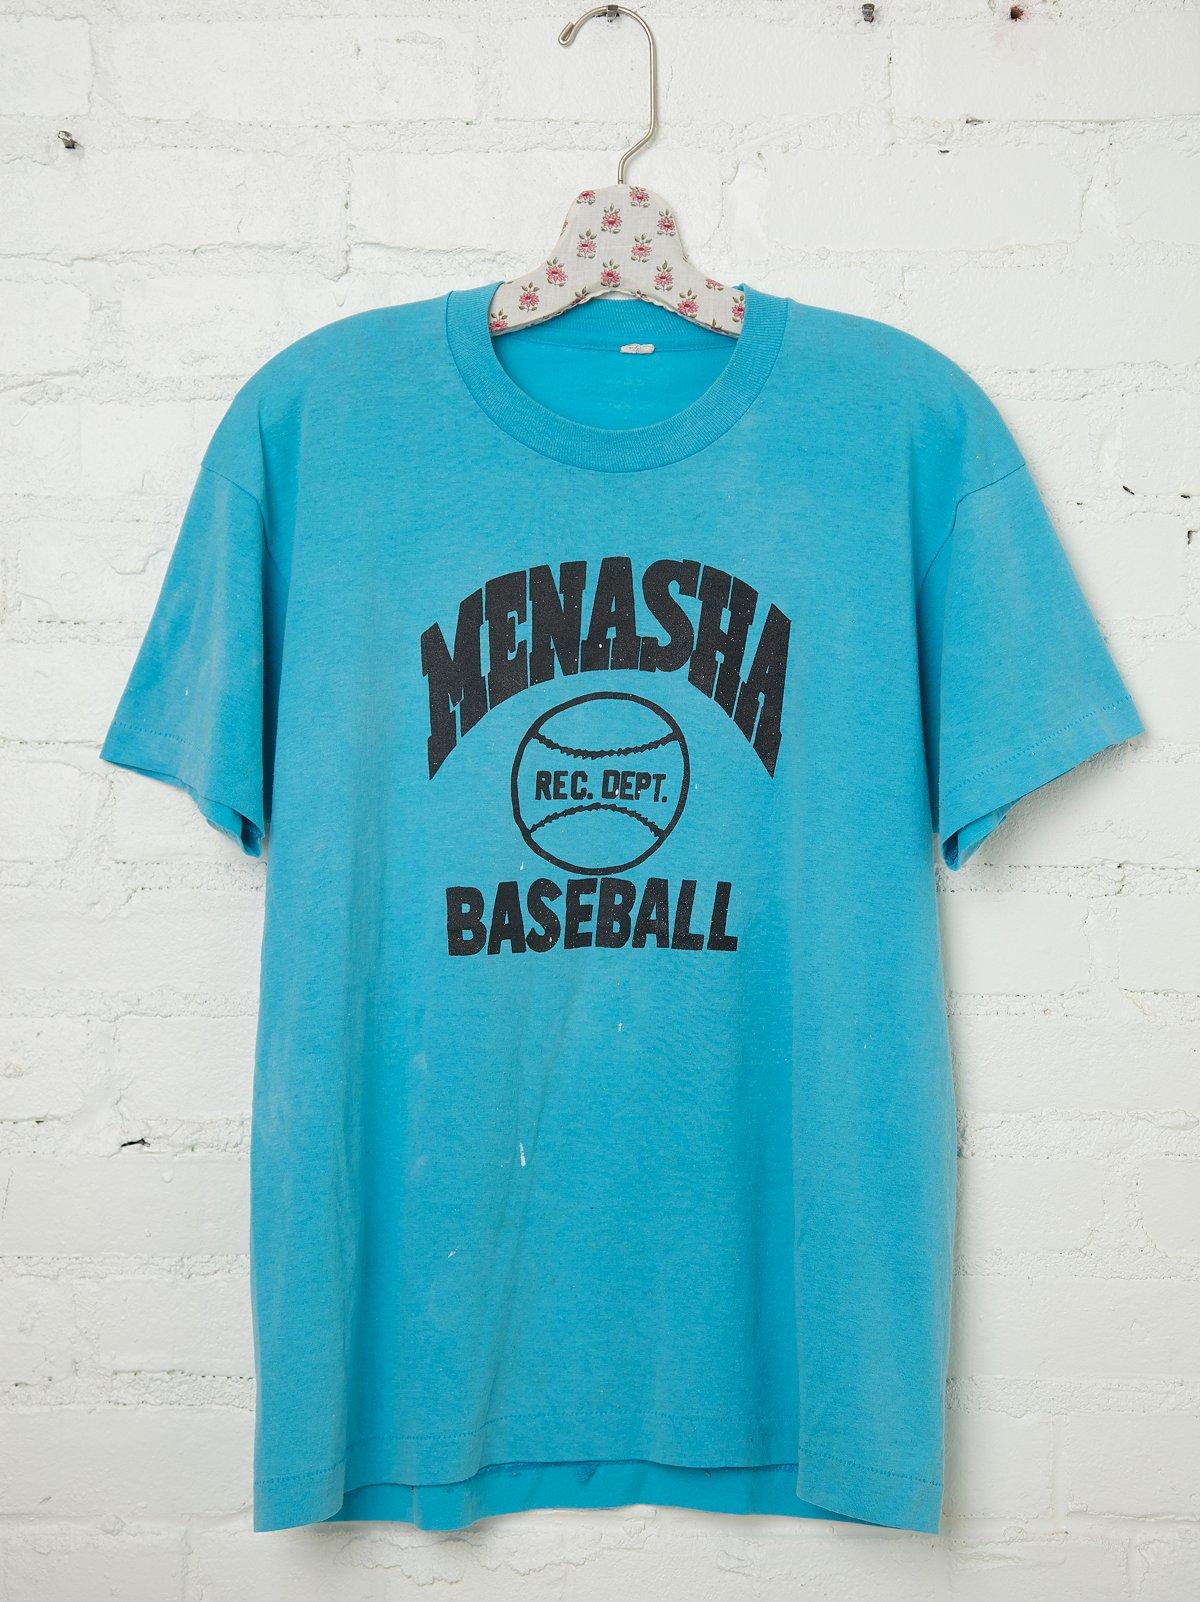 Vintage Menasha Baseball Tee